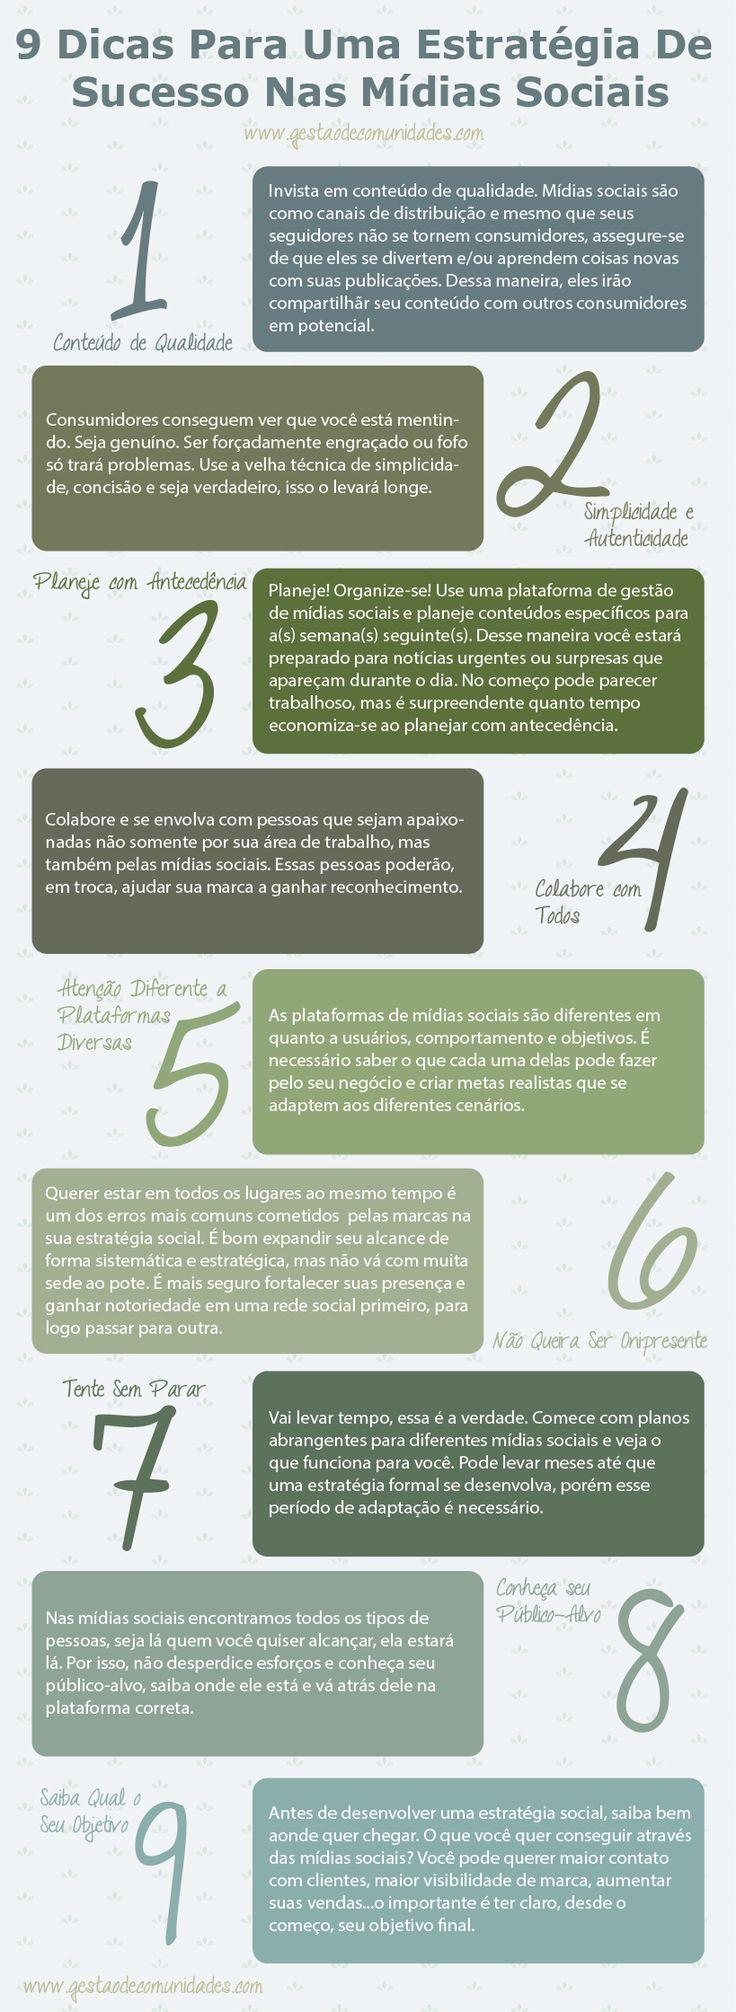 9 dicas para uma estratégia de sucesso nas mídias sociais